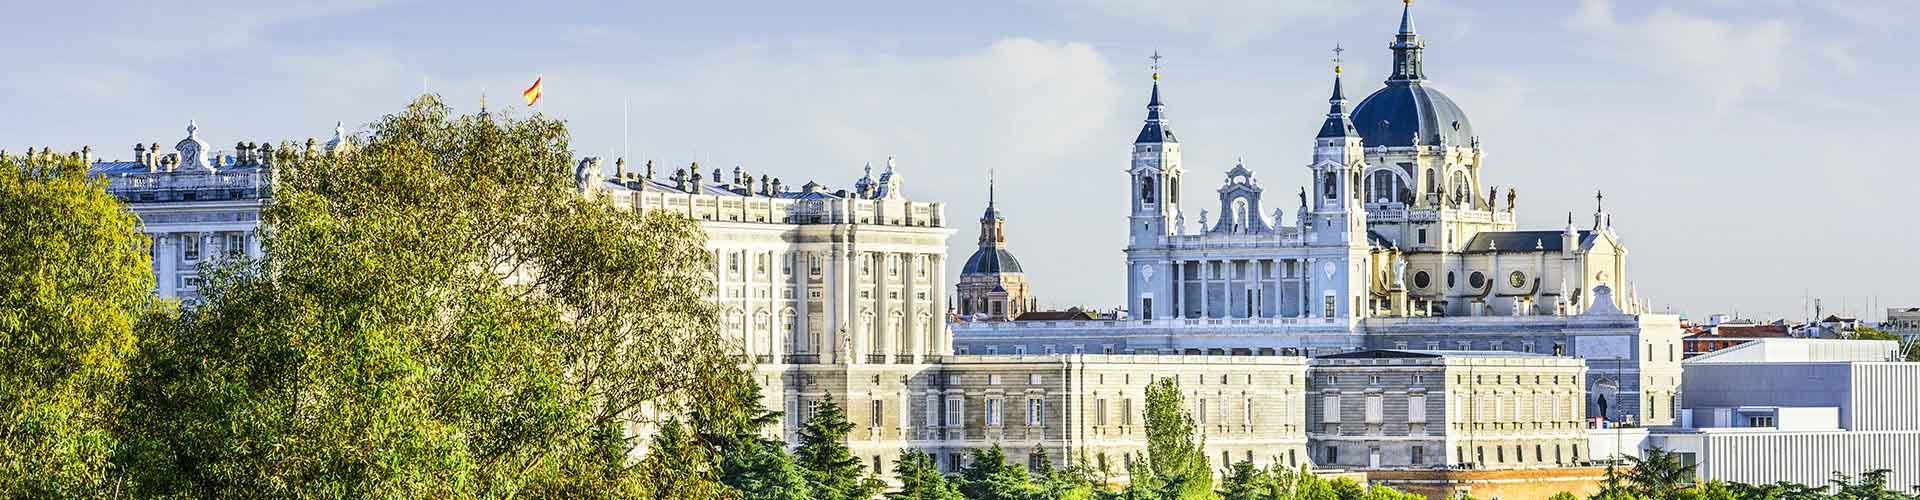 Madrid - Ifjúsági Szállások Madridben. Madrid térképek, fotók és ajánlások minden egyes ifjúsági szállásokra Madrid-ben.